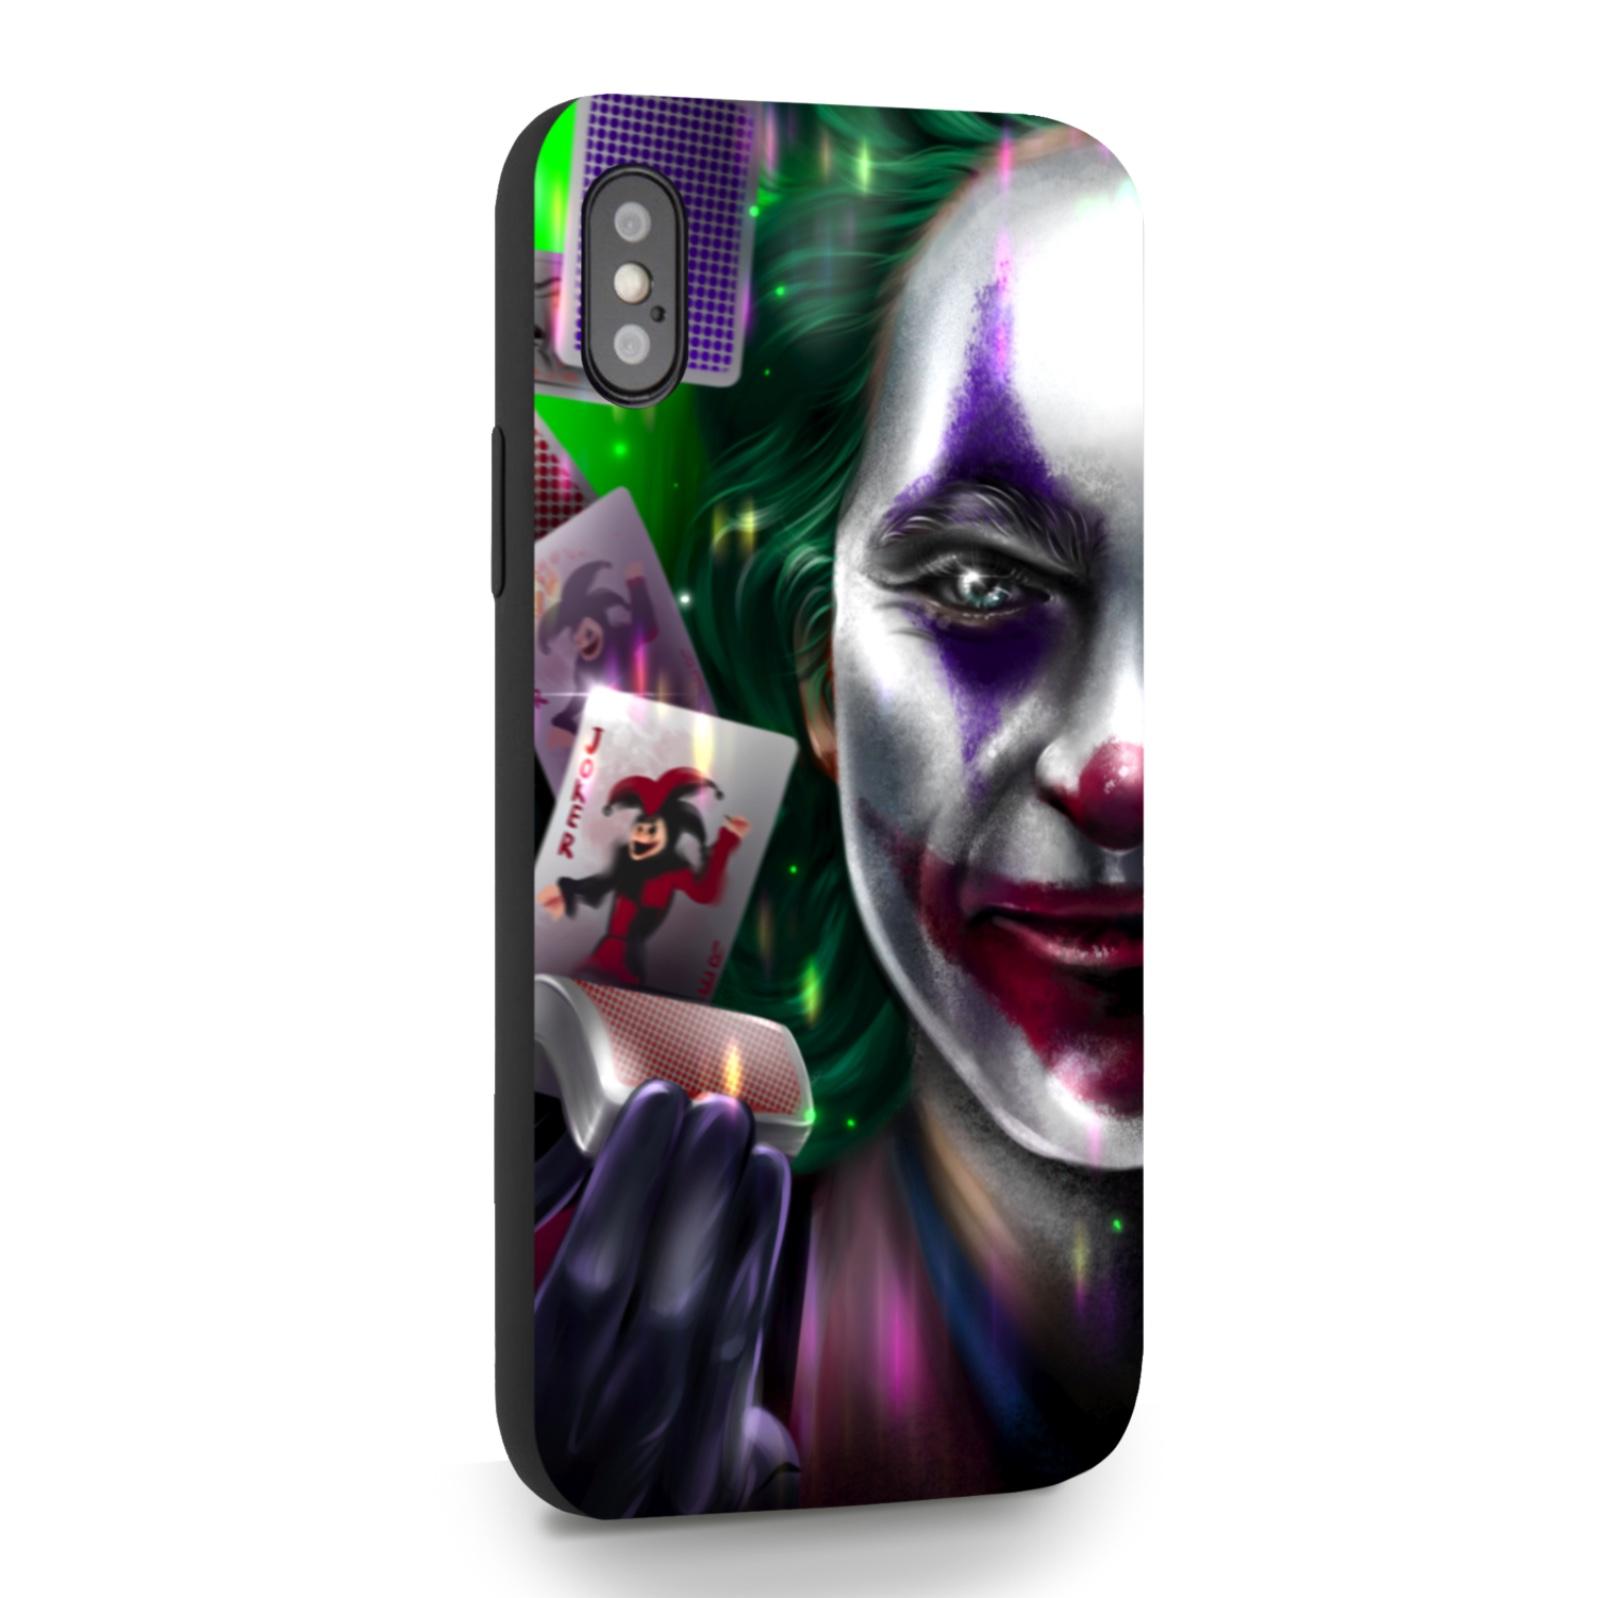 Черный силиконовый чехол для iPhone X/XS Joker/ Джокер для Айфон 10/10с